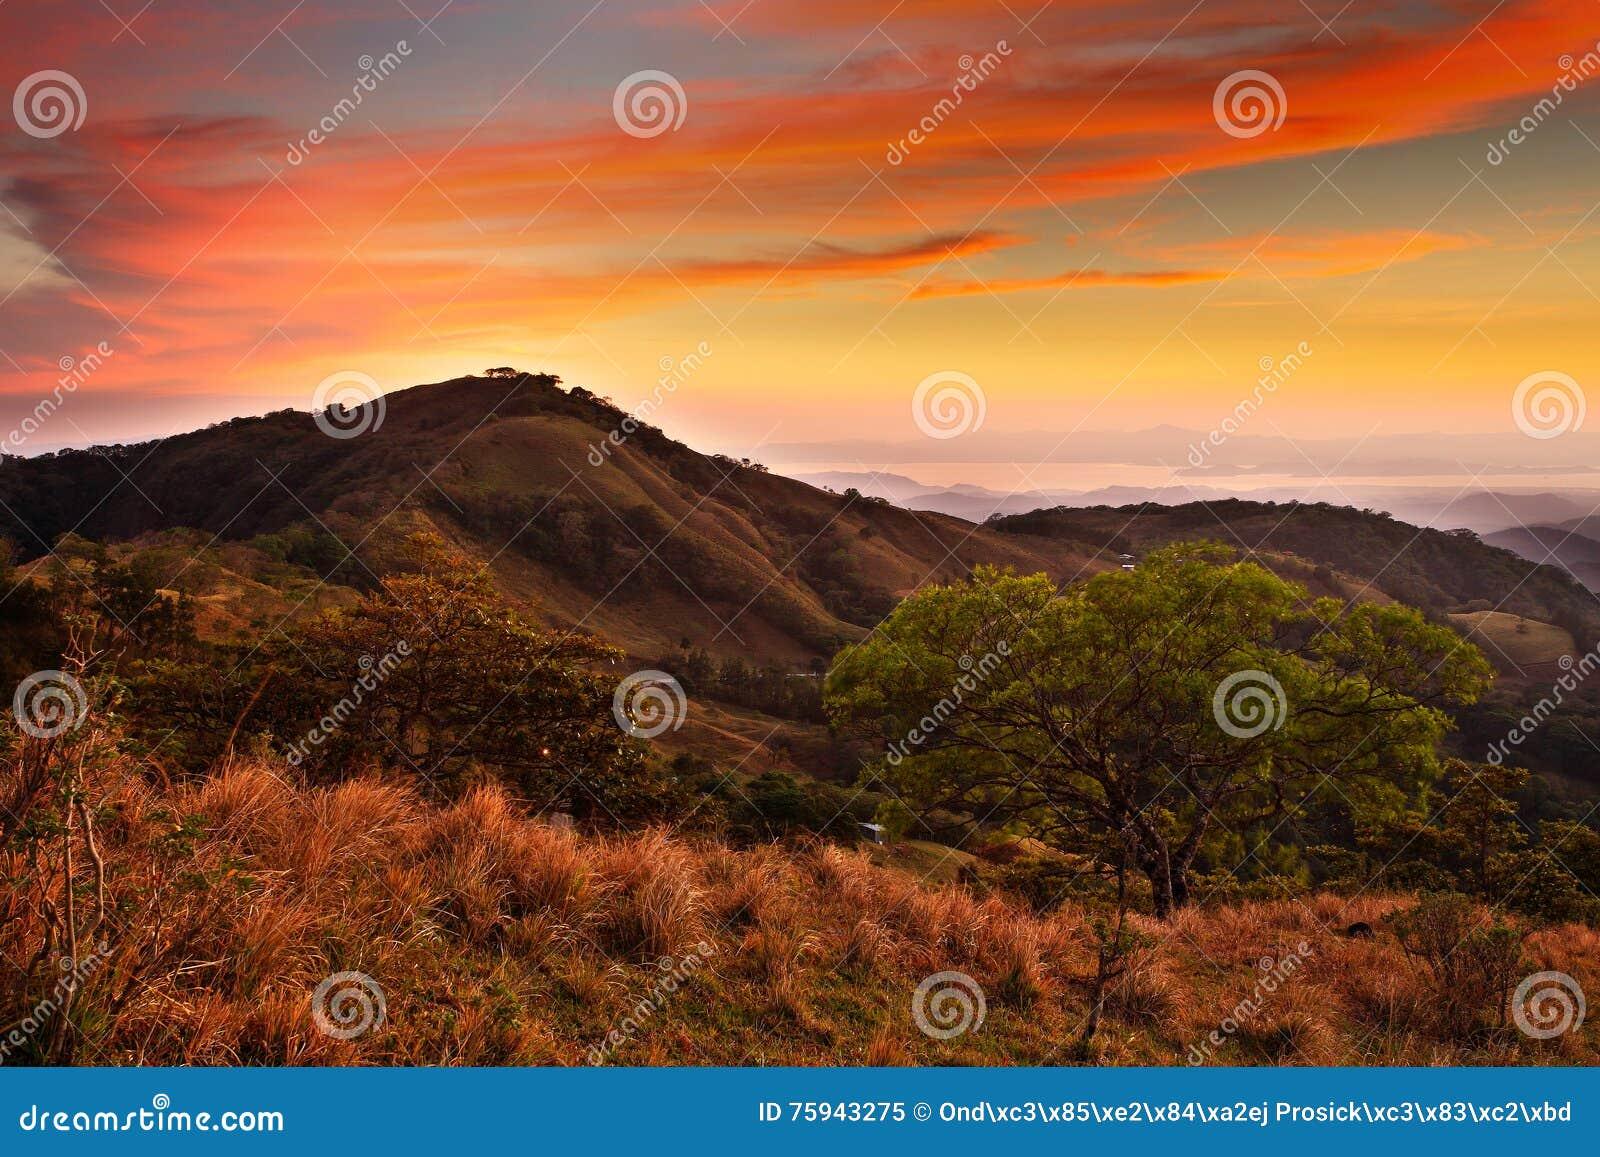 Λόφοι της δασικής επιφύλαξης σύννεφων Monteverde, Κόστα Ρίκα Τροπικά βουνά μετά από το ηλιοβασίλεμα Λόφοι με τον όμορφο πορτοκαλή